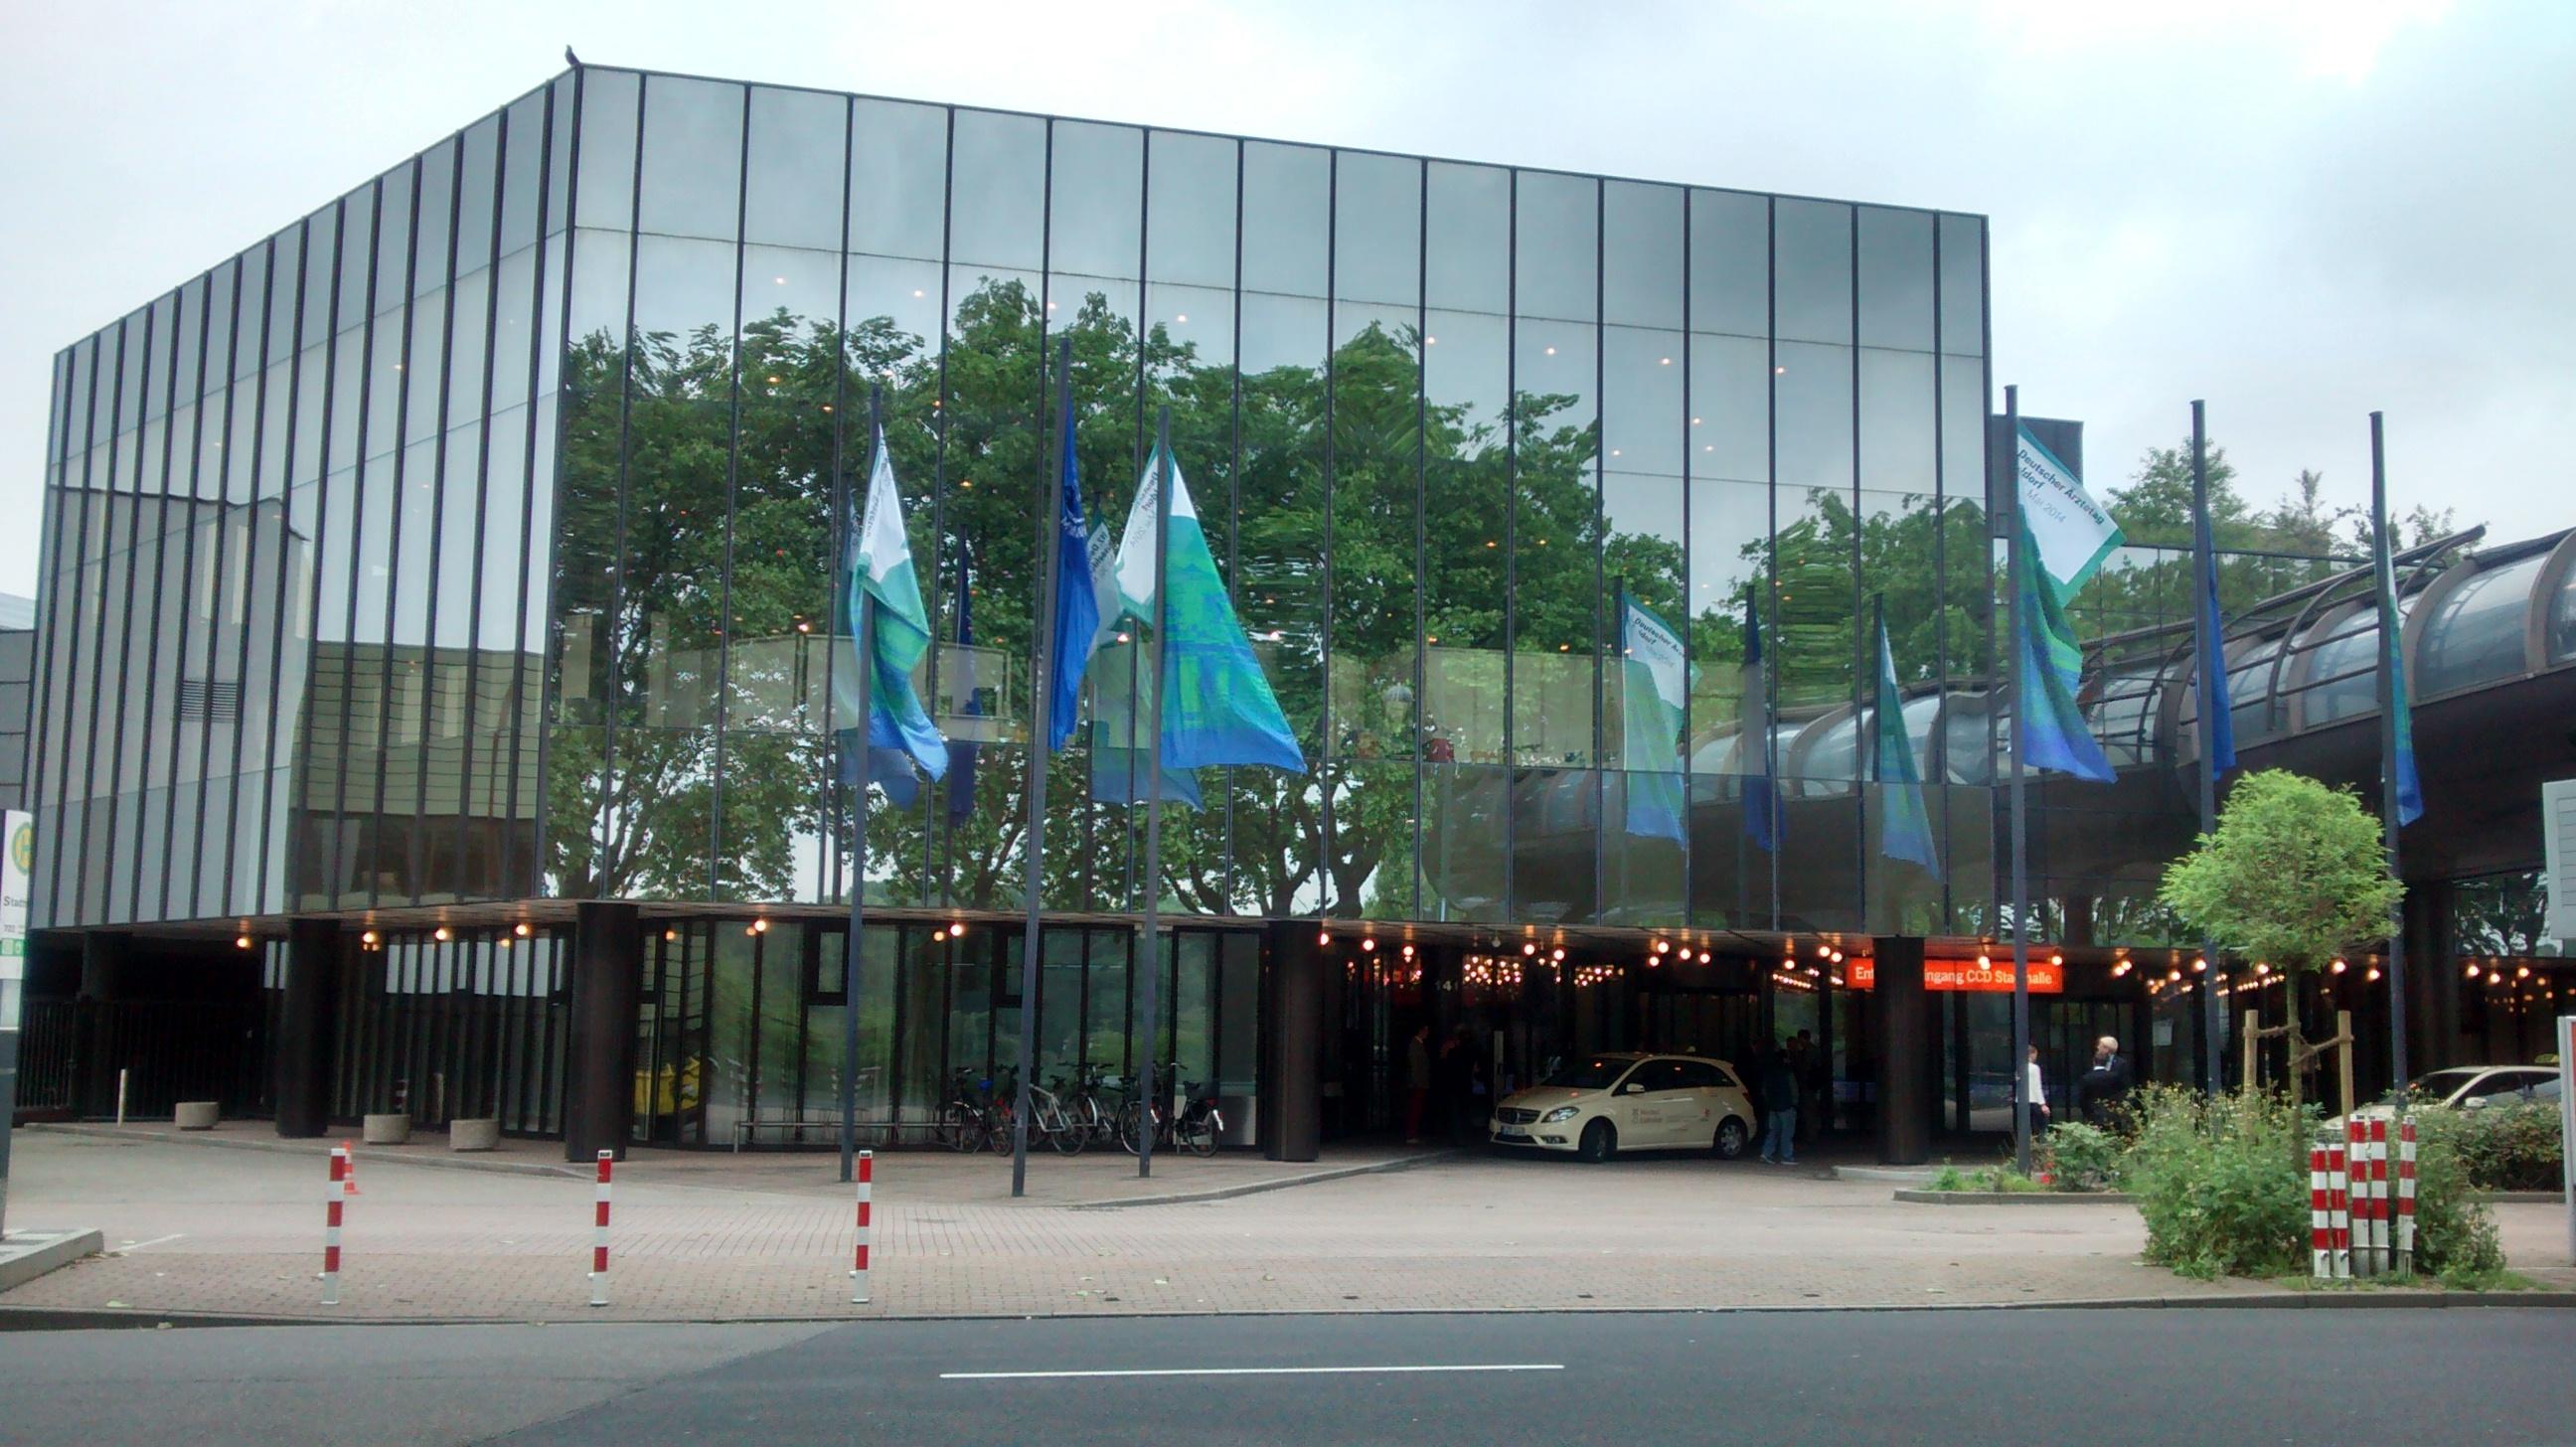 Das Kongresszentrum in Düsseldorf mit den Fahnen der Bundesärztekammer